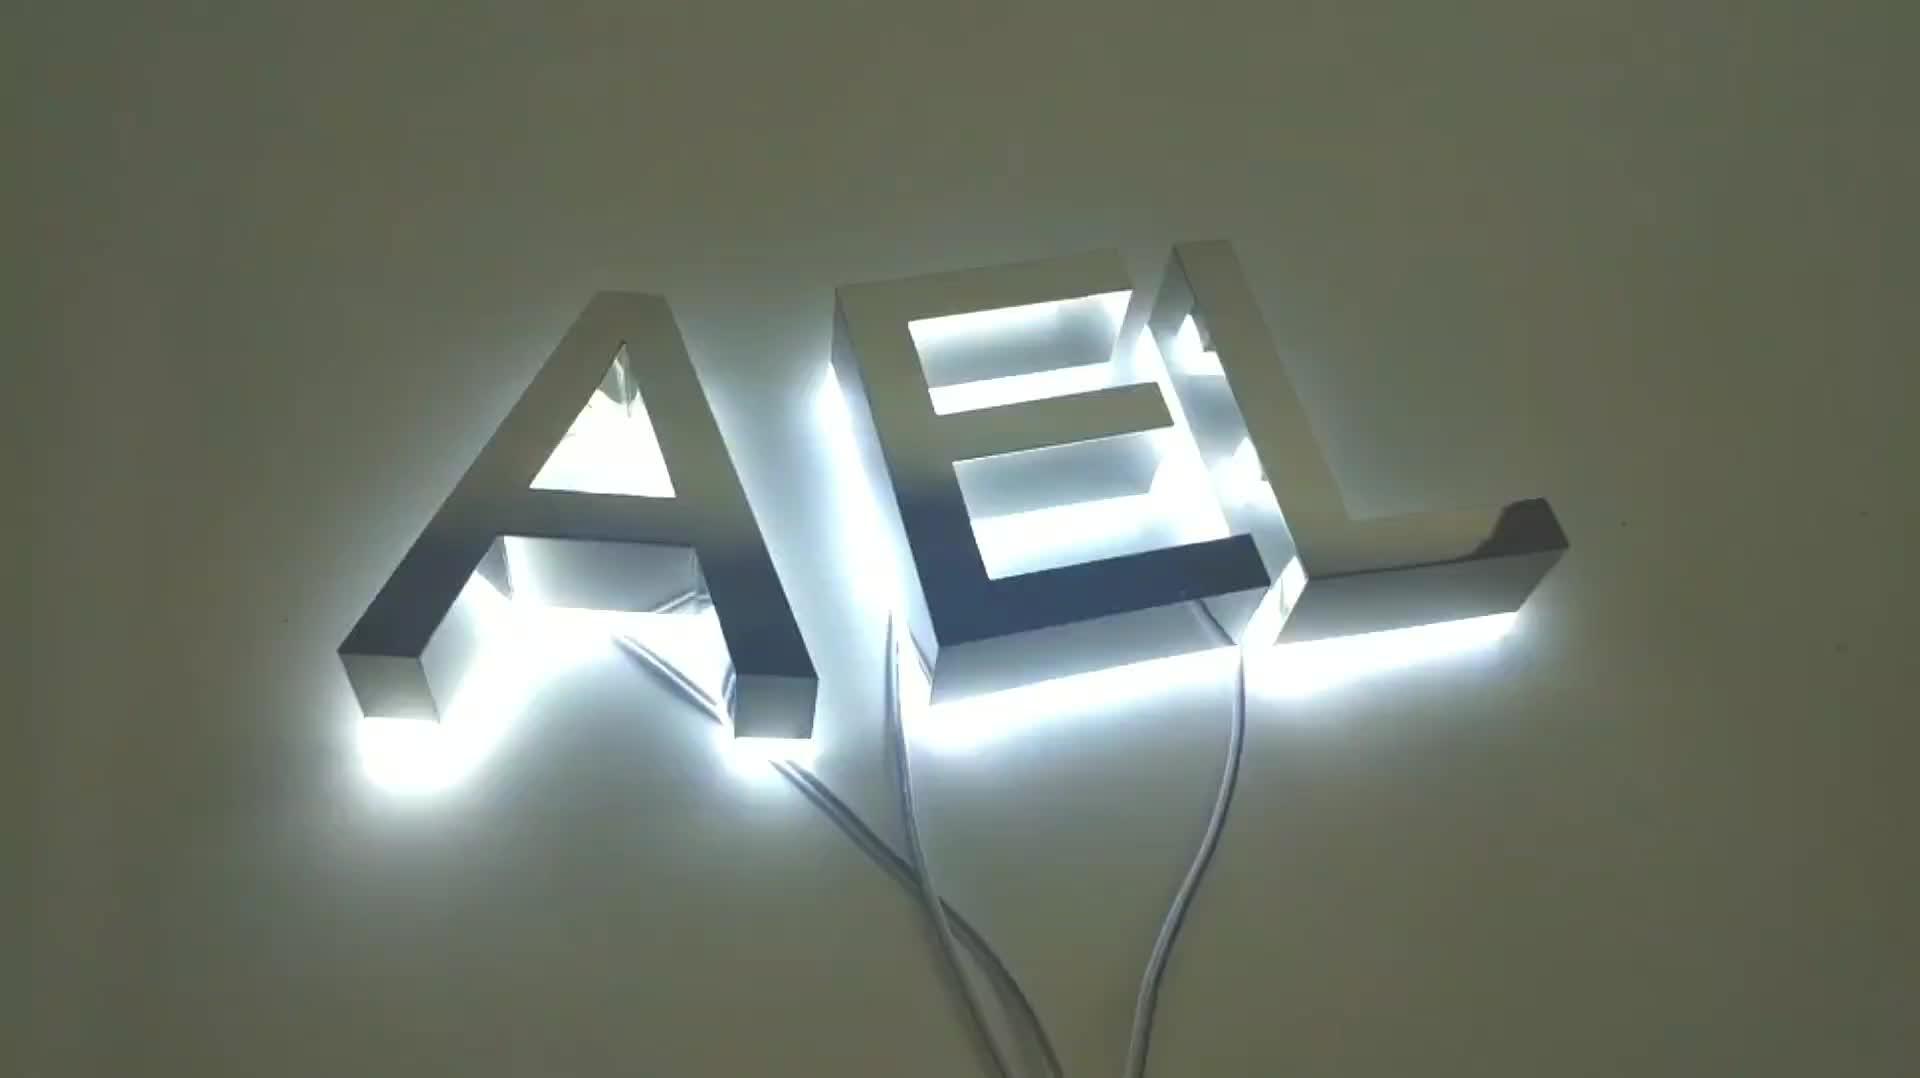 Personalizado 3D letras sinal de LED backlit sinalização de aço inoxidável da parede do escritório